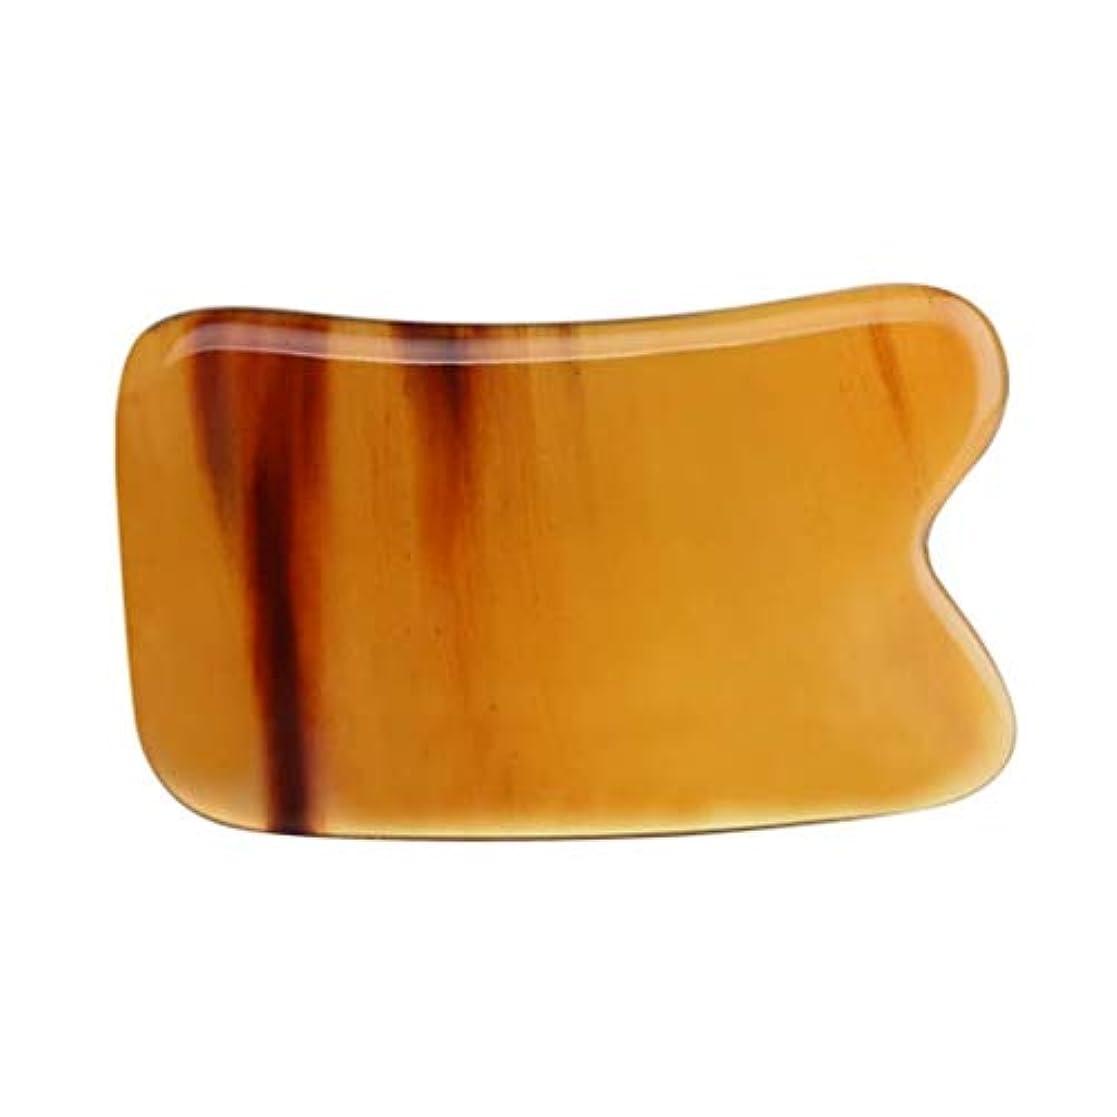 Gua Shaスクレイピングマッサージツール-最高品質の手作りバッファローホーンGuashaボード-首と筋肉の痛みを軽減し、機動性を向上 (Size : 4mm)